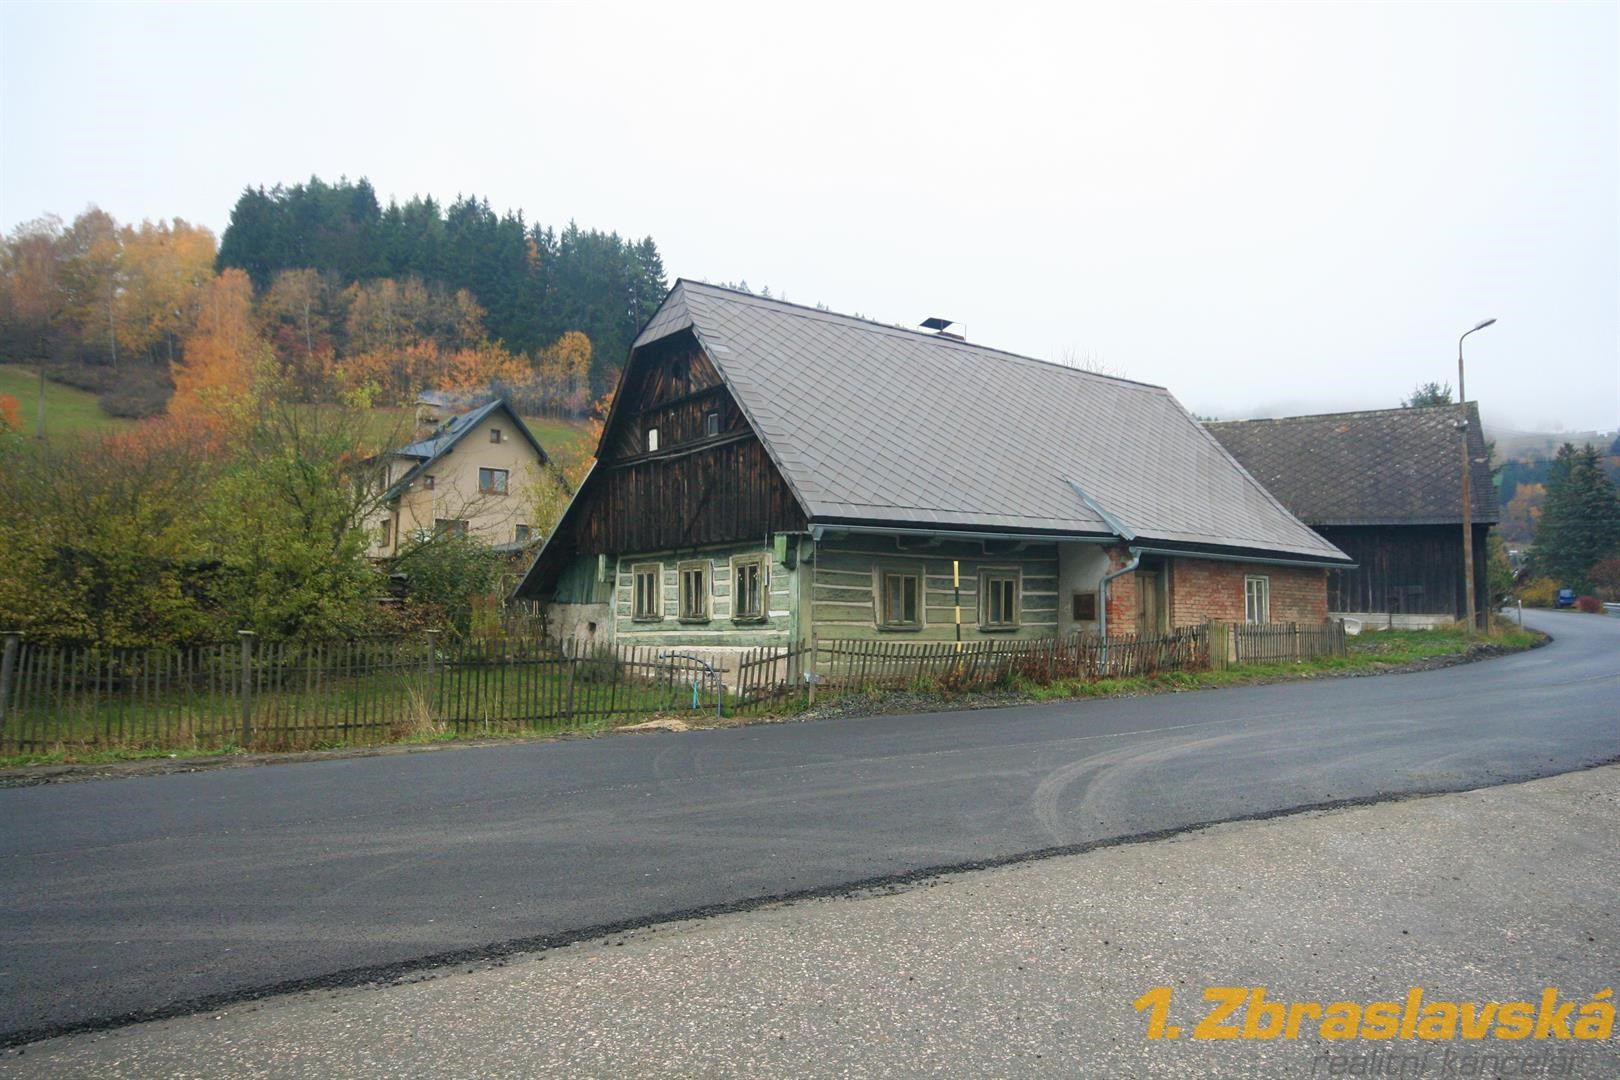 Dolní Štěpanice, Benecko, prodej roubené chalupy na pozemku 762 m2